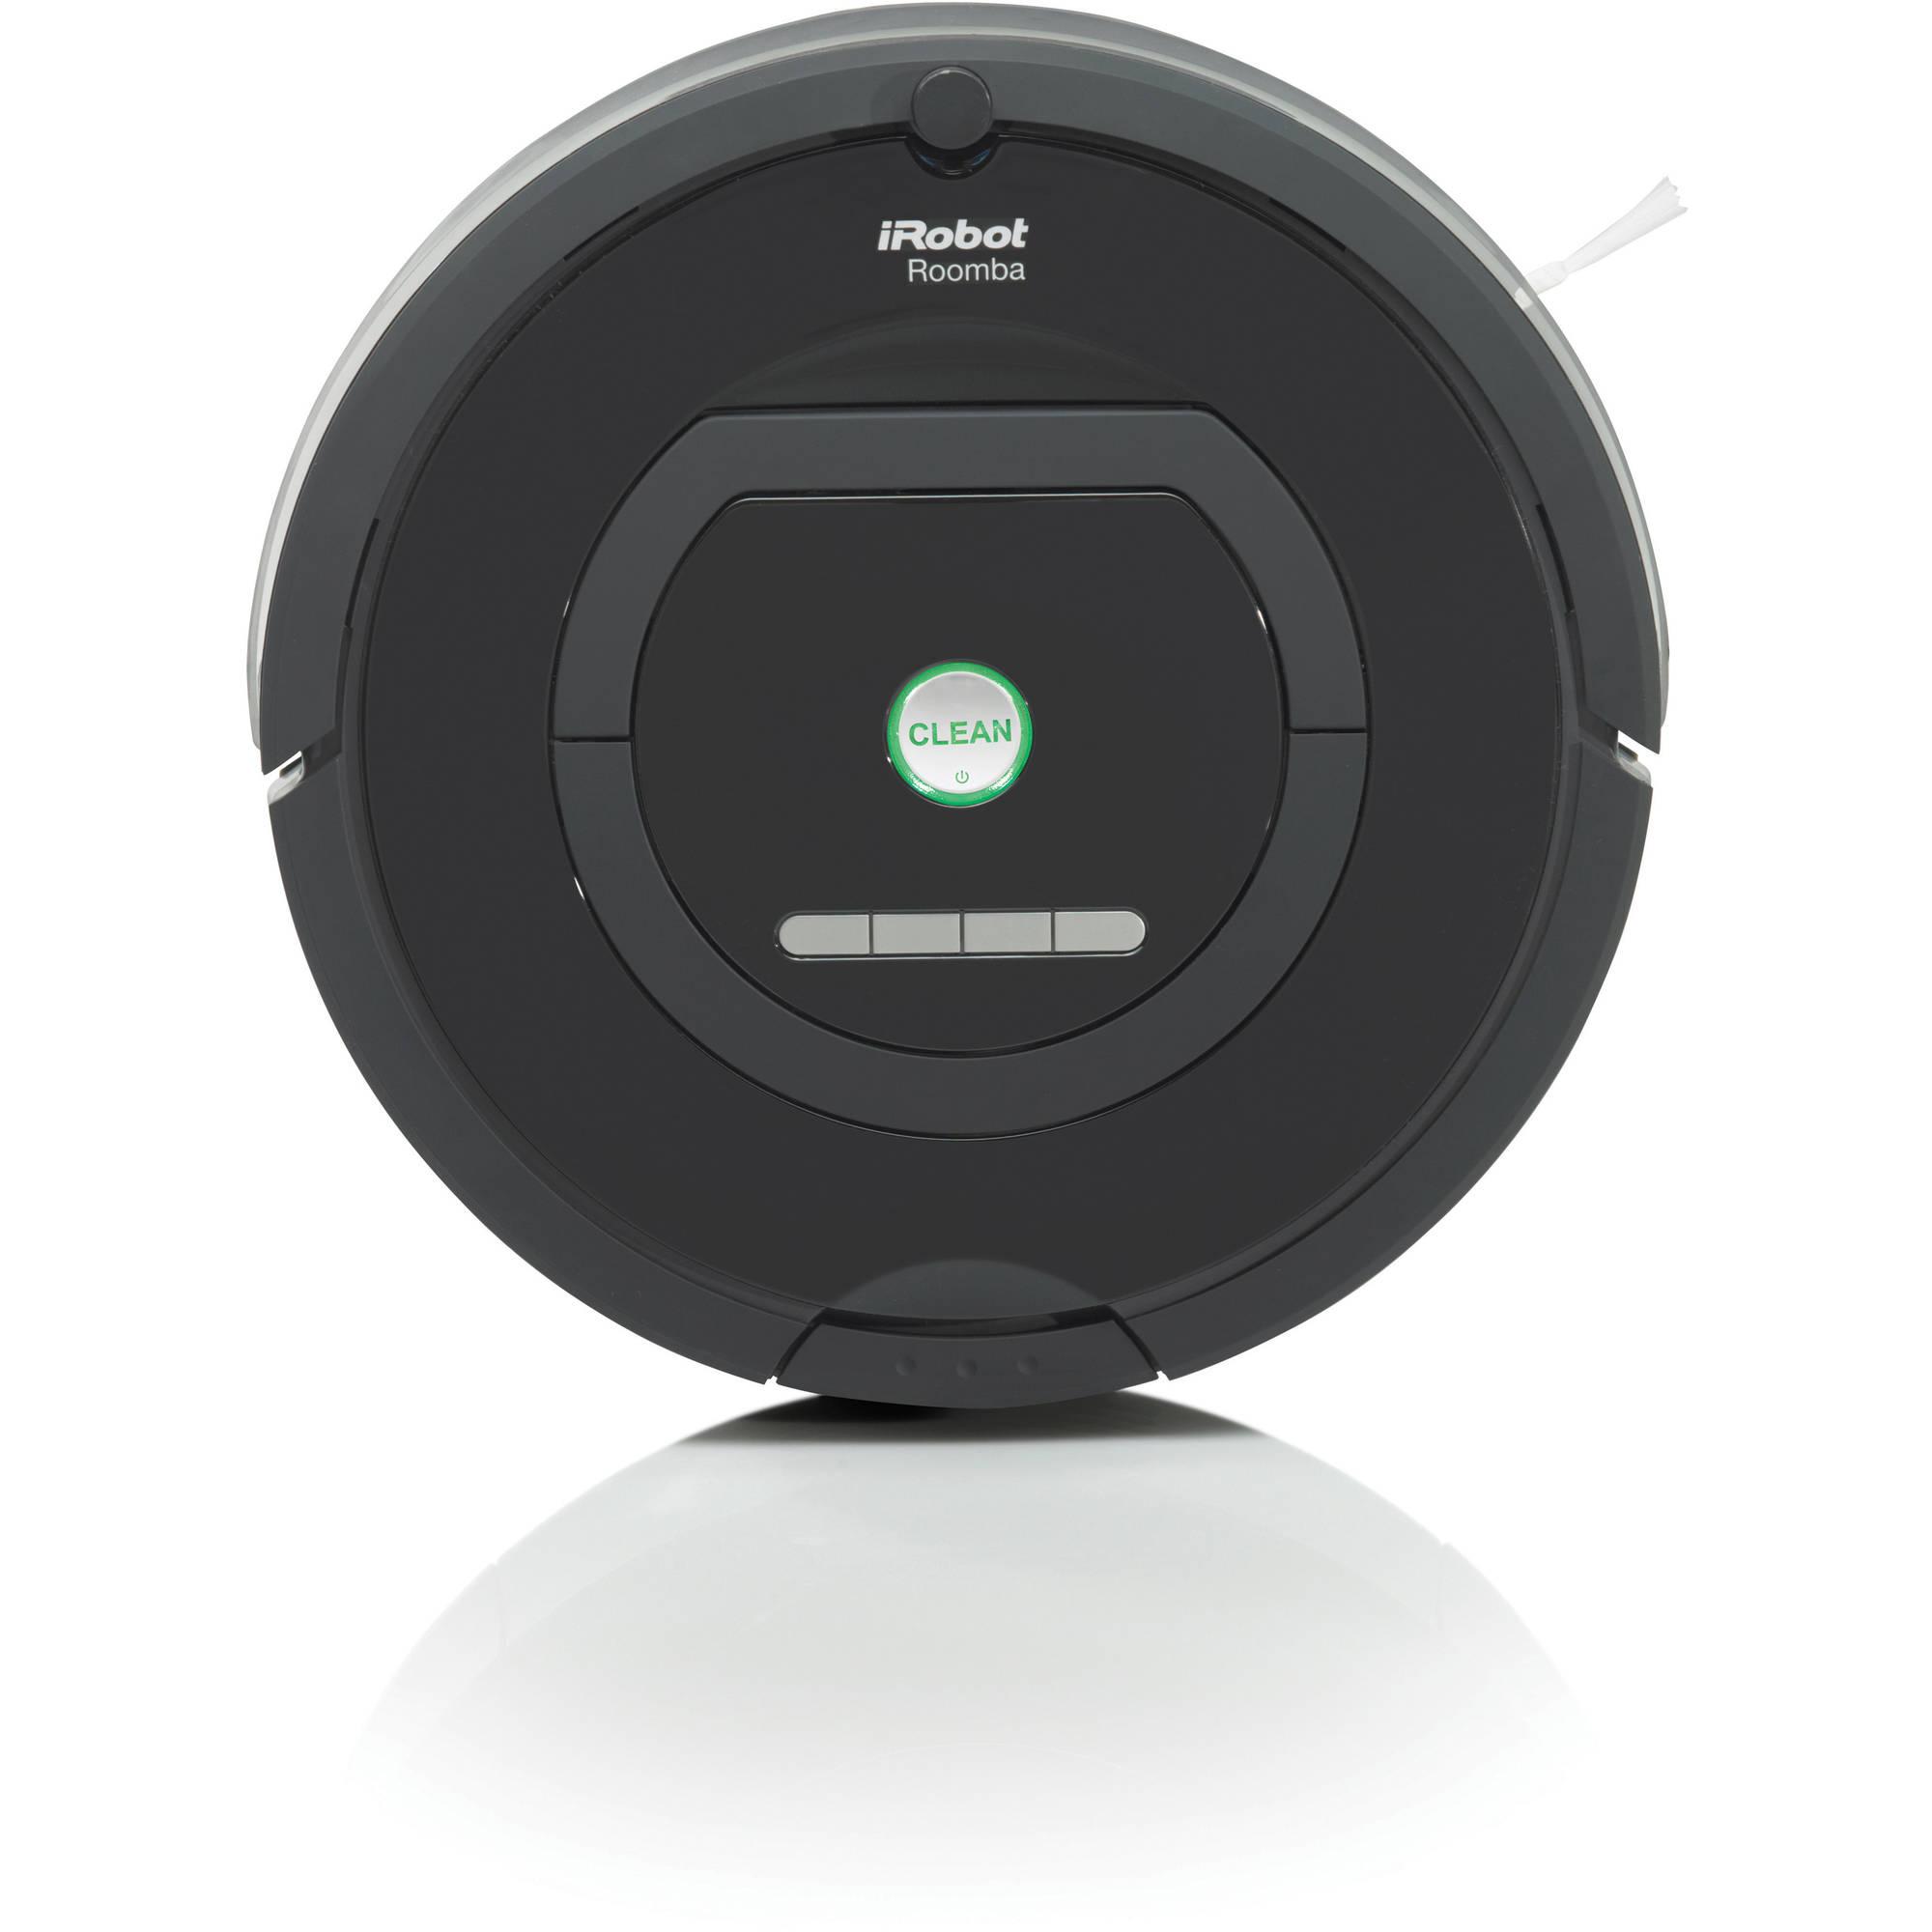 iRobot Roomba 770 Series Vacuum + $15 GC